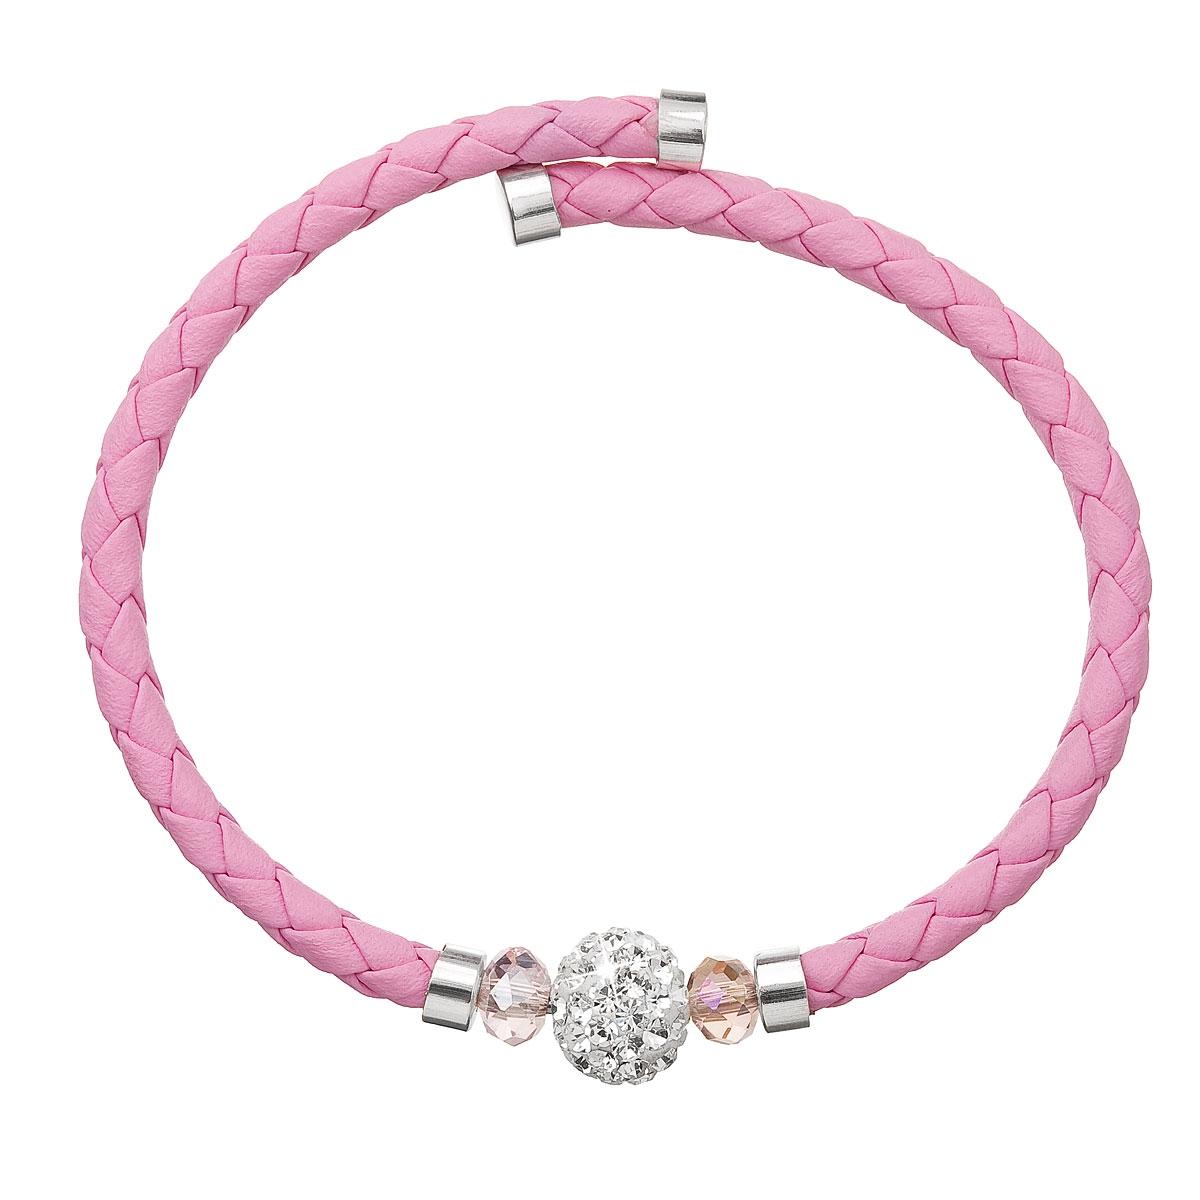 Náramok s kryštálmi Crystals from Swarovski ® ružový